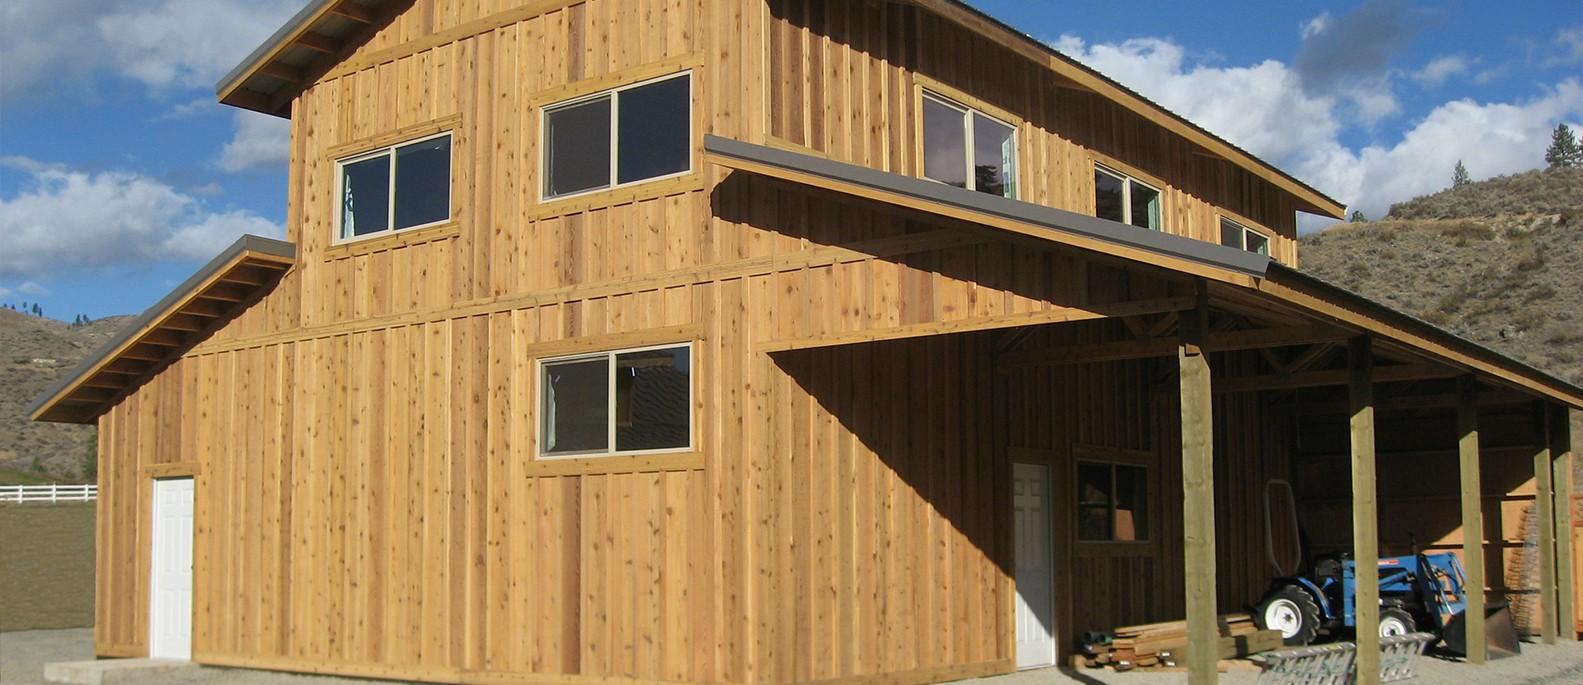 Fullsize Of Inexpensive Barn Homes